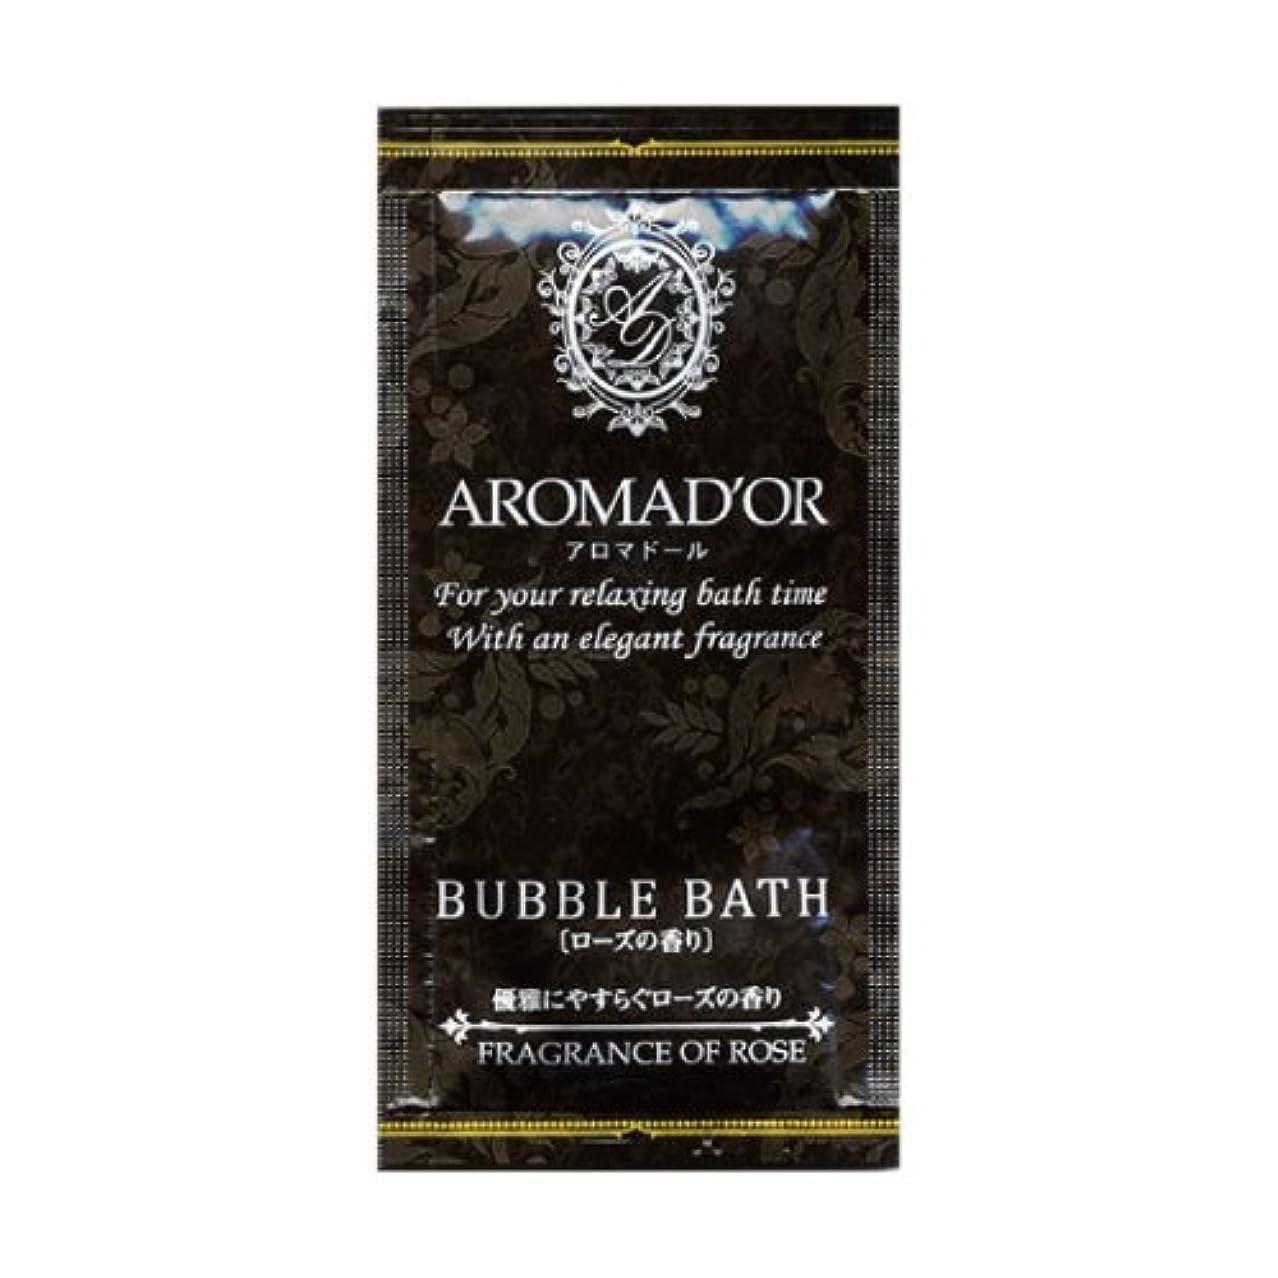 多年生できた瞑想アロマドール バブルバス ローズの香り×12個セット